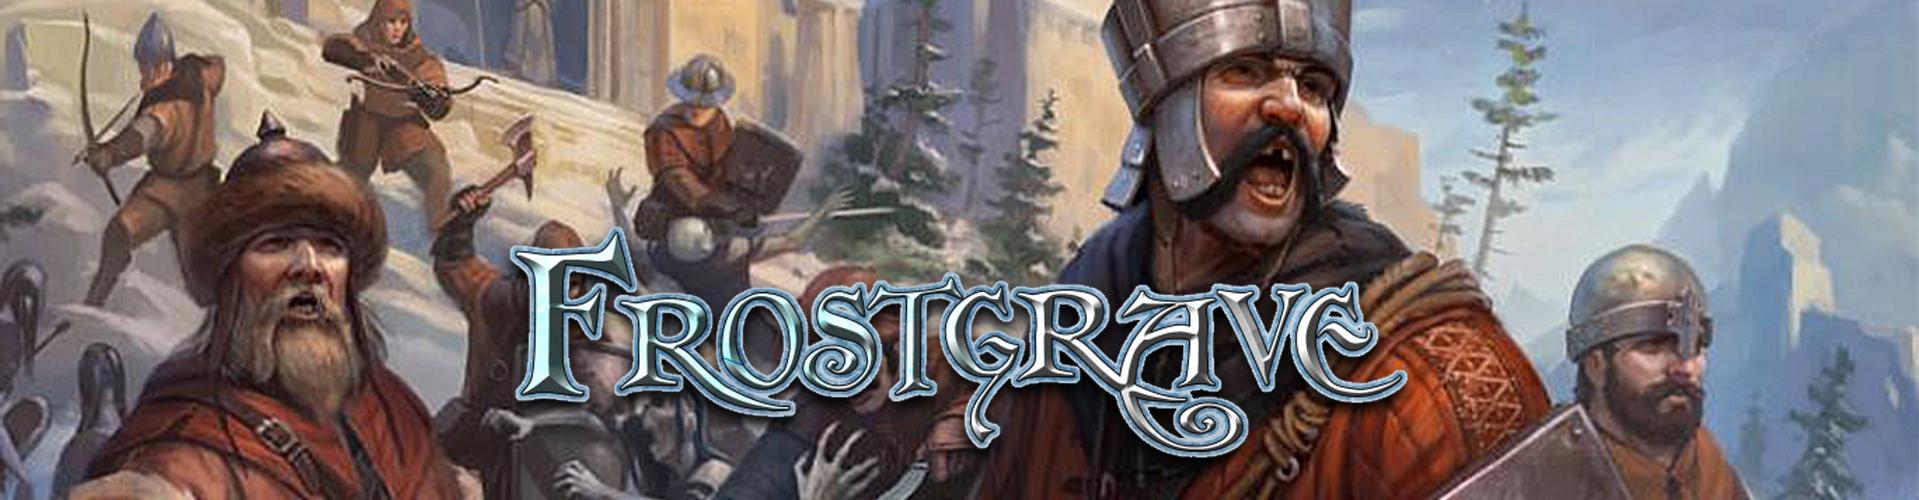 frostgrave - Demospiele: FROSTGRAVE